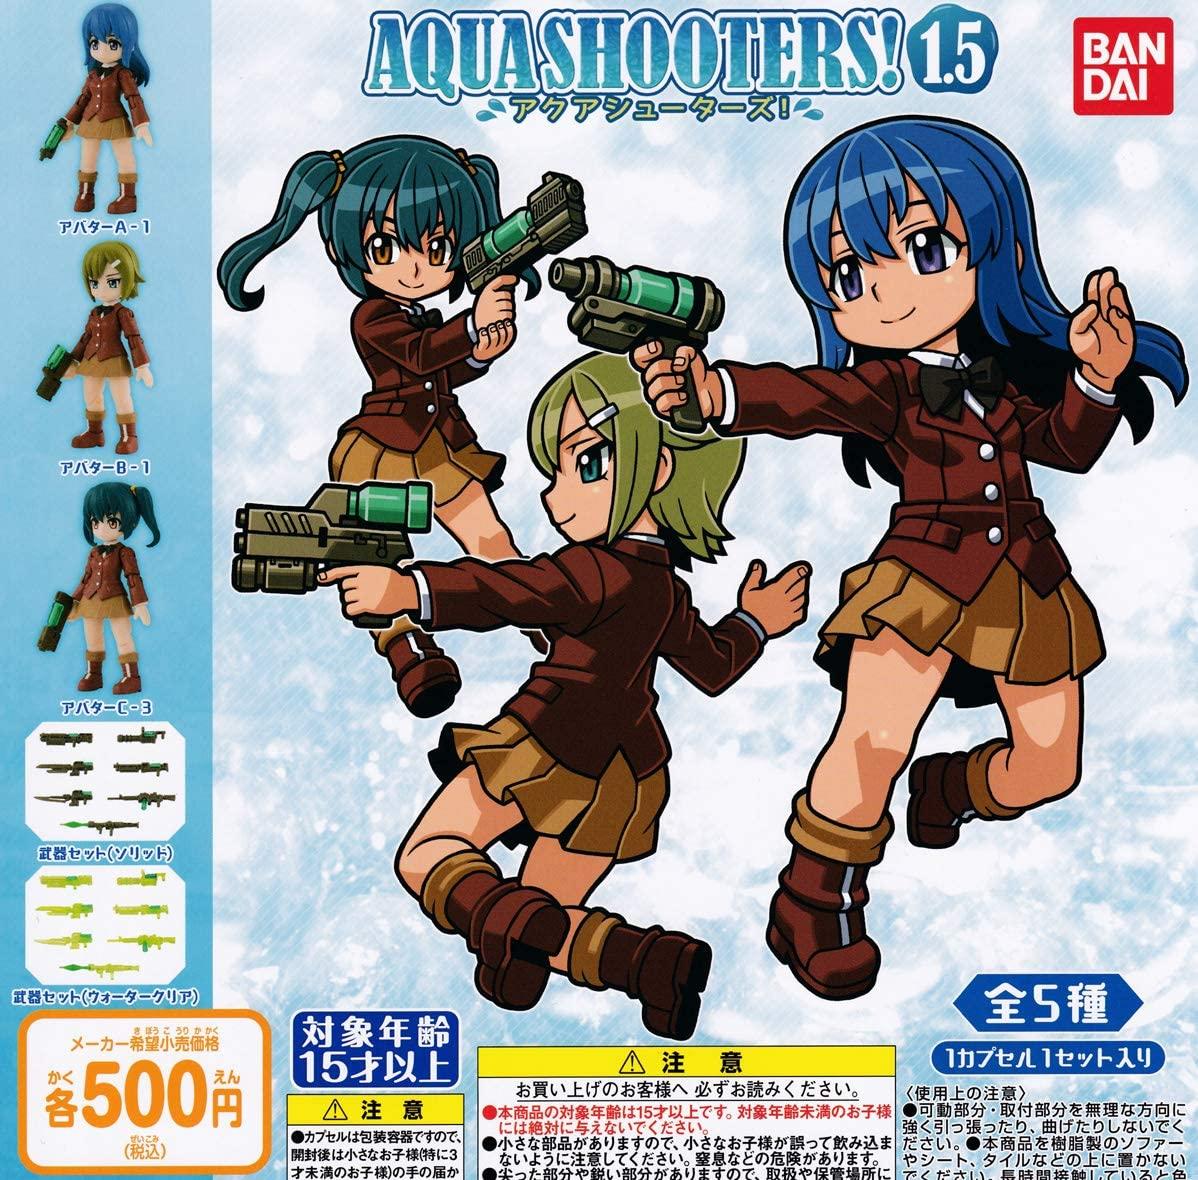 コレクション, ガチャガチャ AQUA SHOOTERS1.5 1.5 5